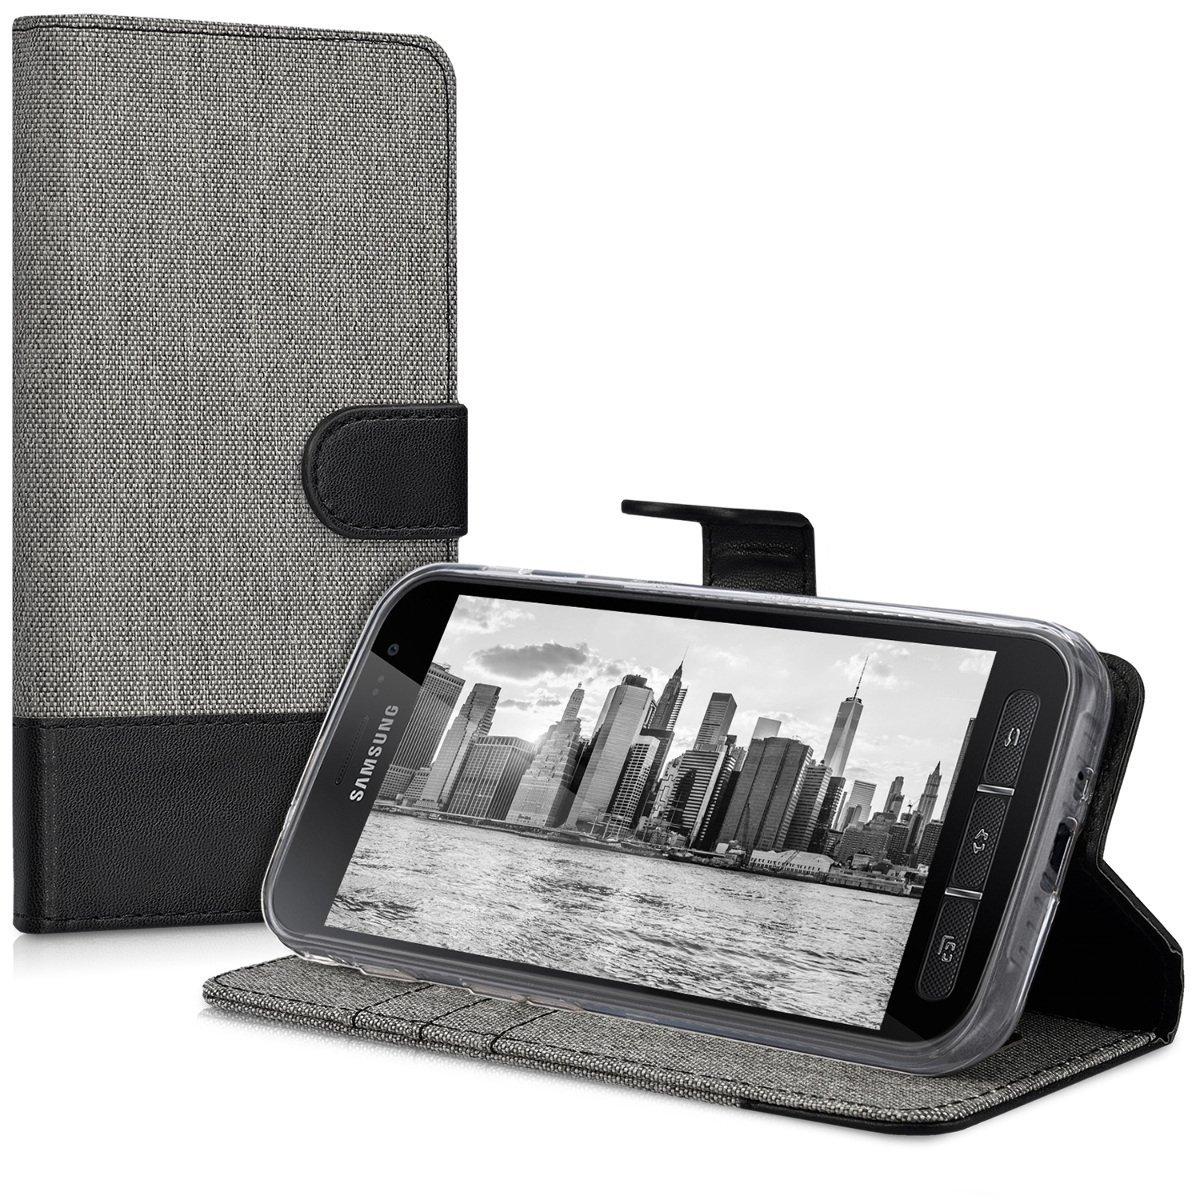 KW Θήκη - Πορτοφόλι Samsung Galaxy Xcover 4 - Grey/ Black (41255.01)